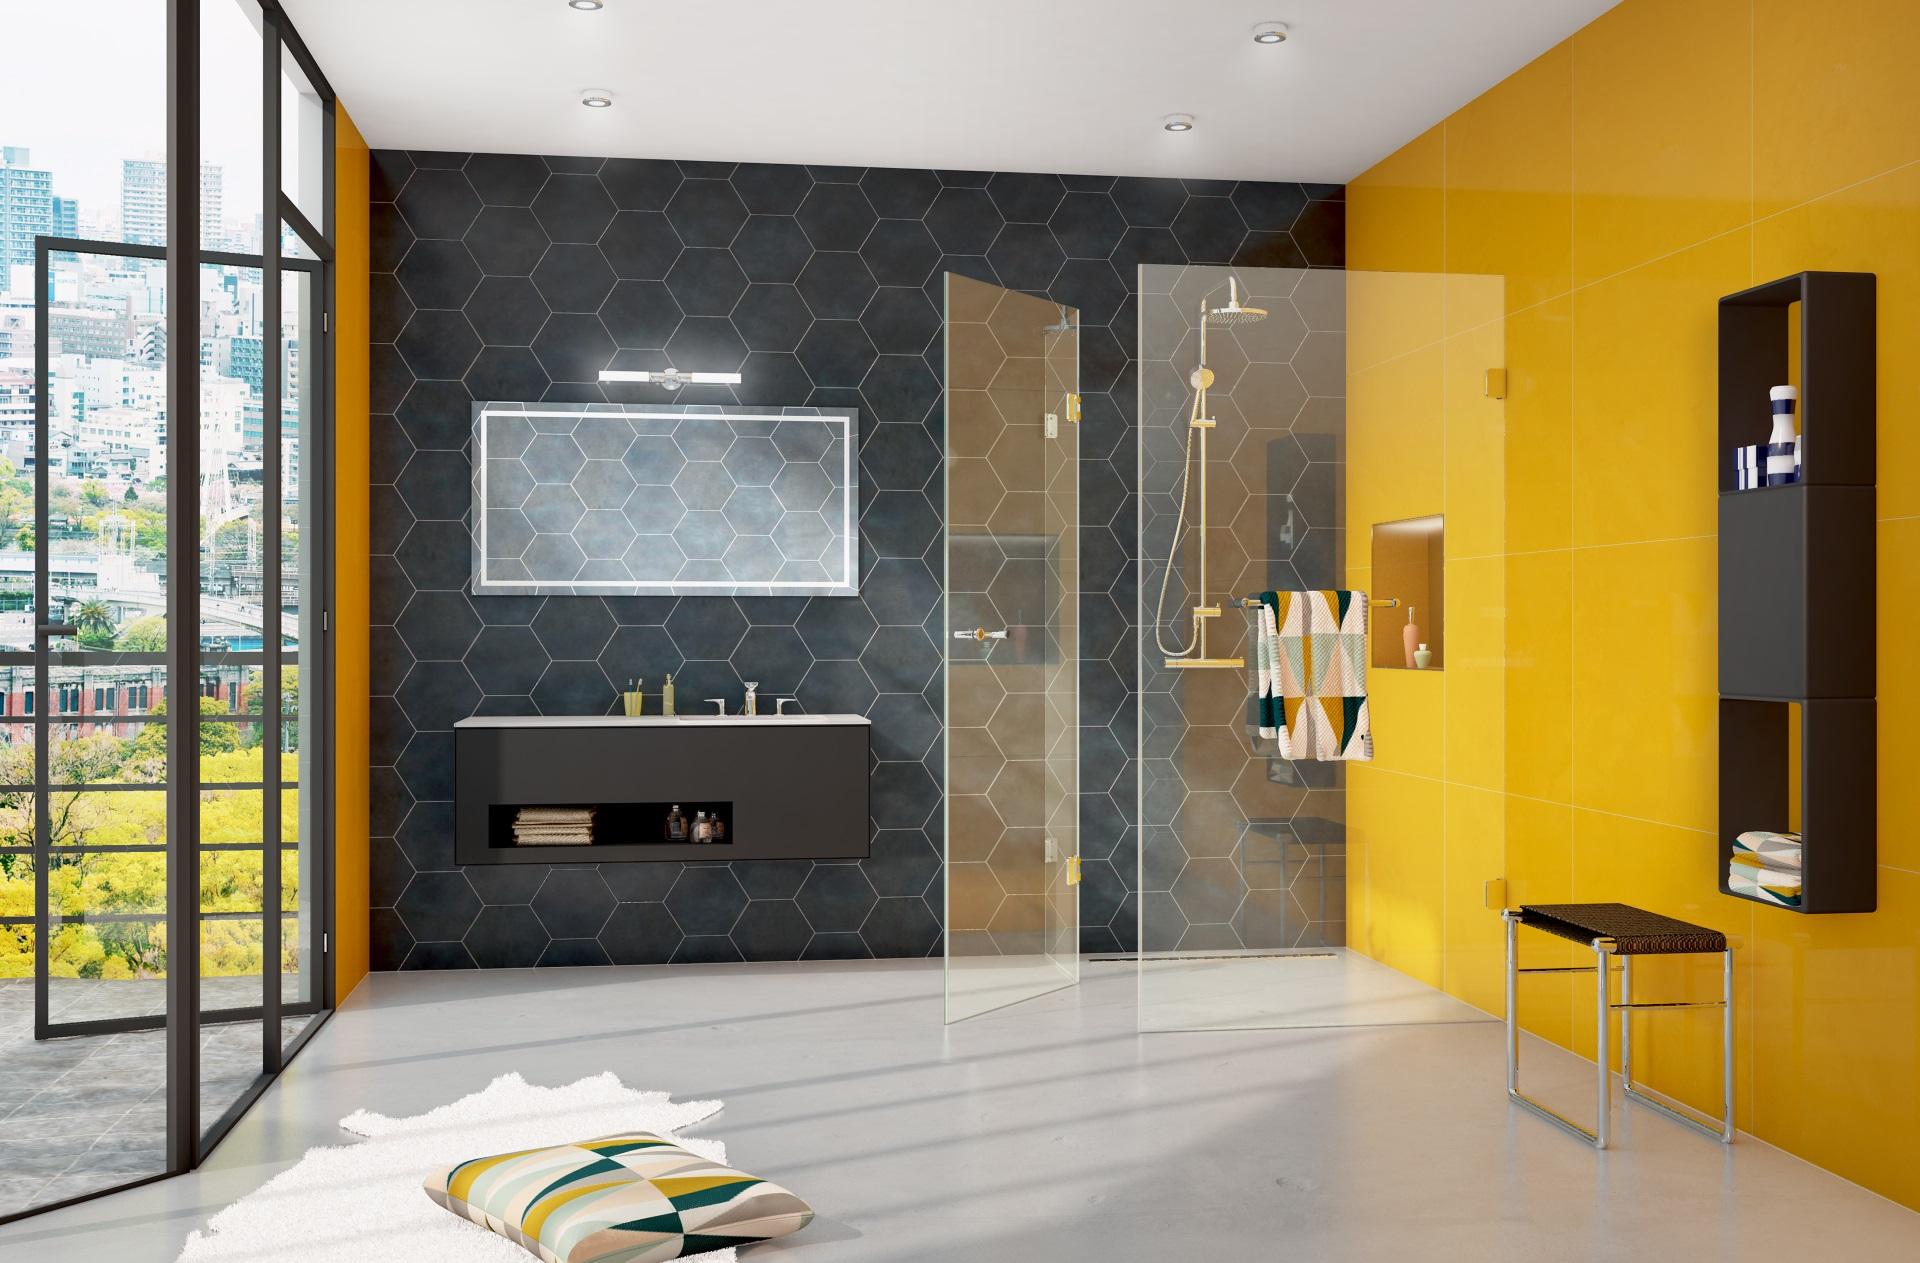 Abbildung design Badezimmer von glassdouche mit bodengleicher Eck-Dusche